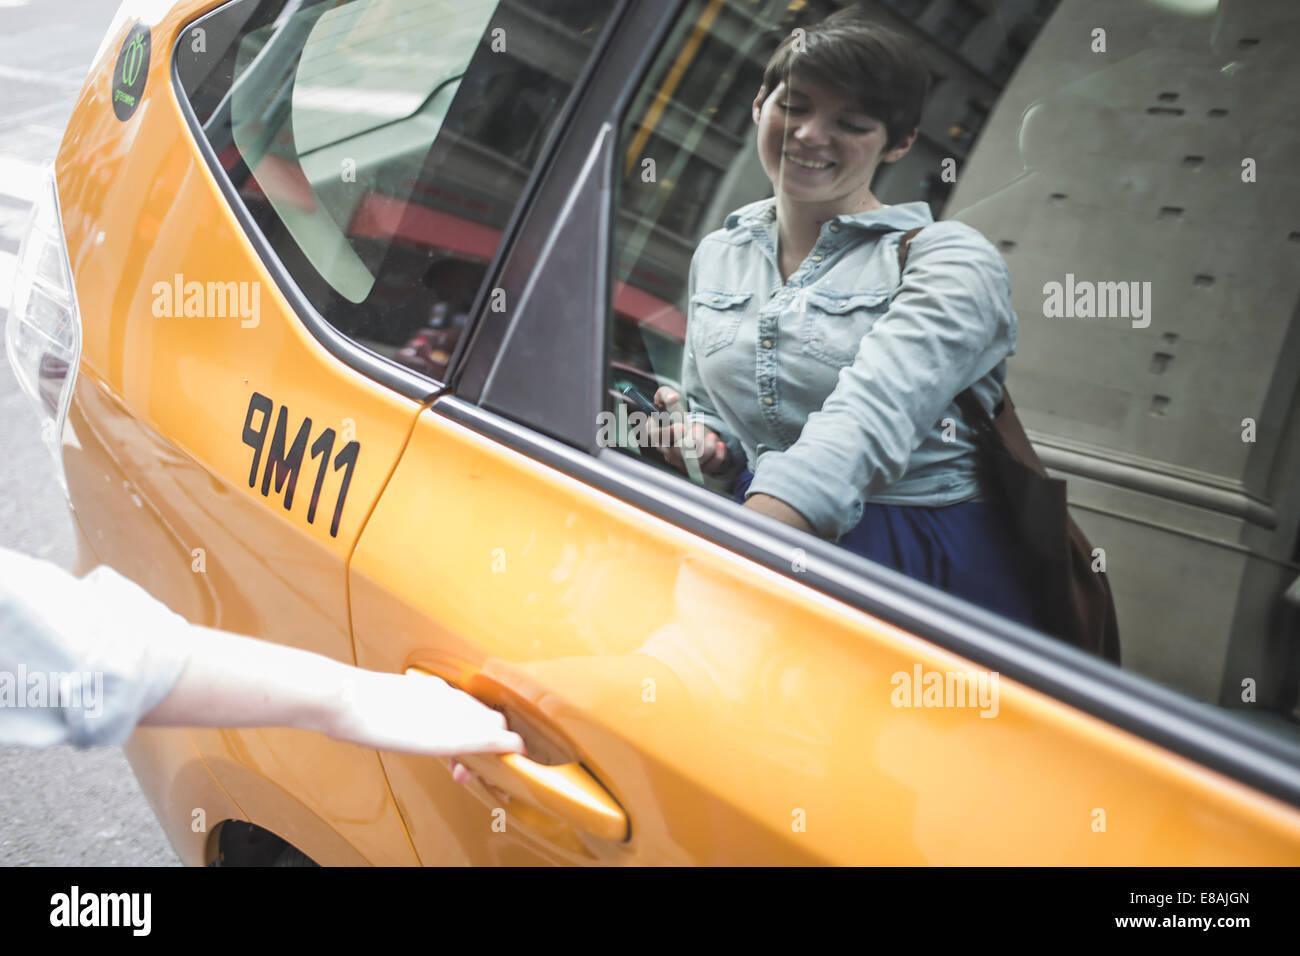 La donna per arrivare in taxi gialli, New York, US Immagini Stock